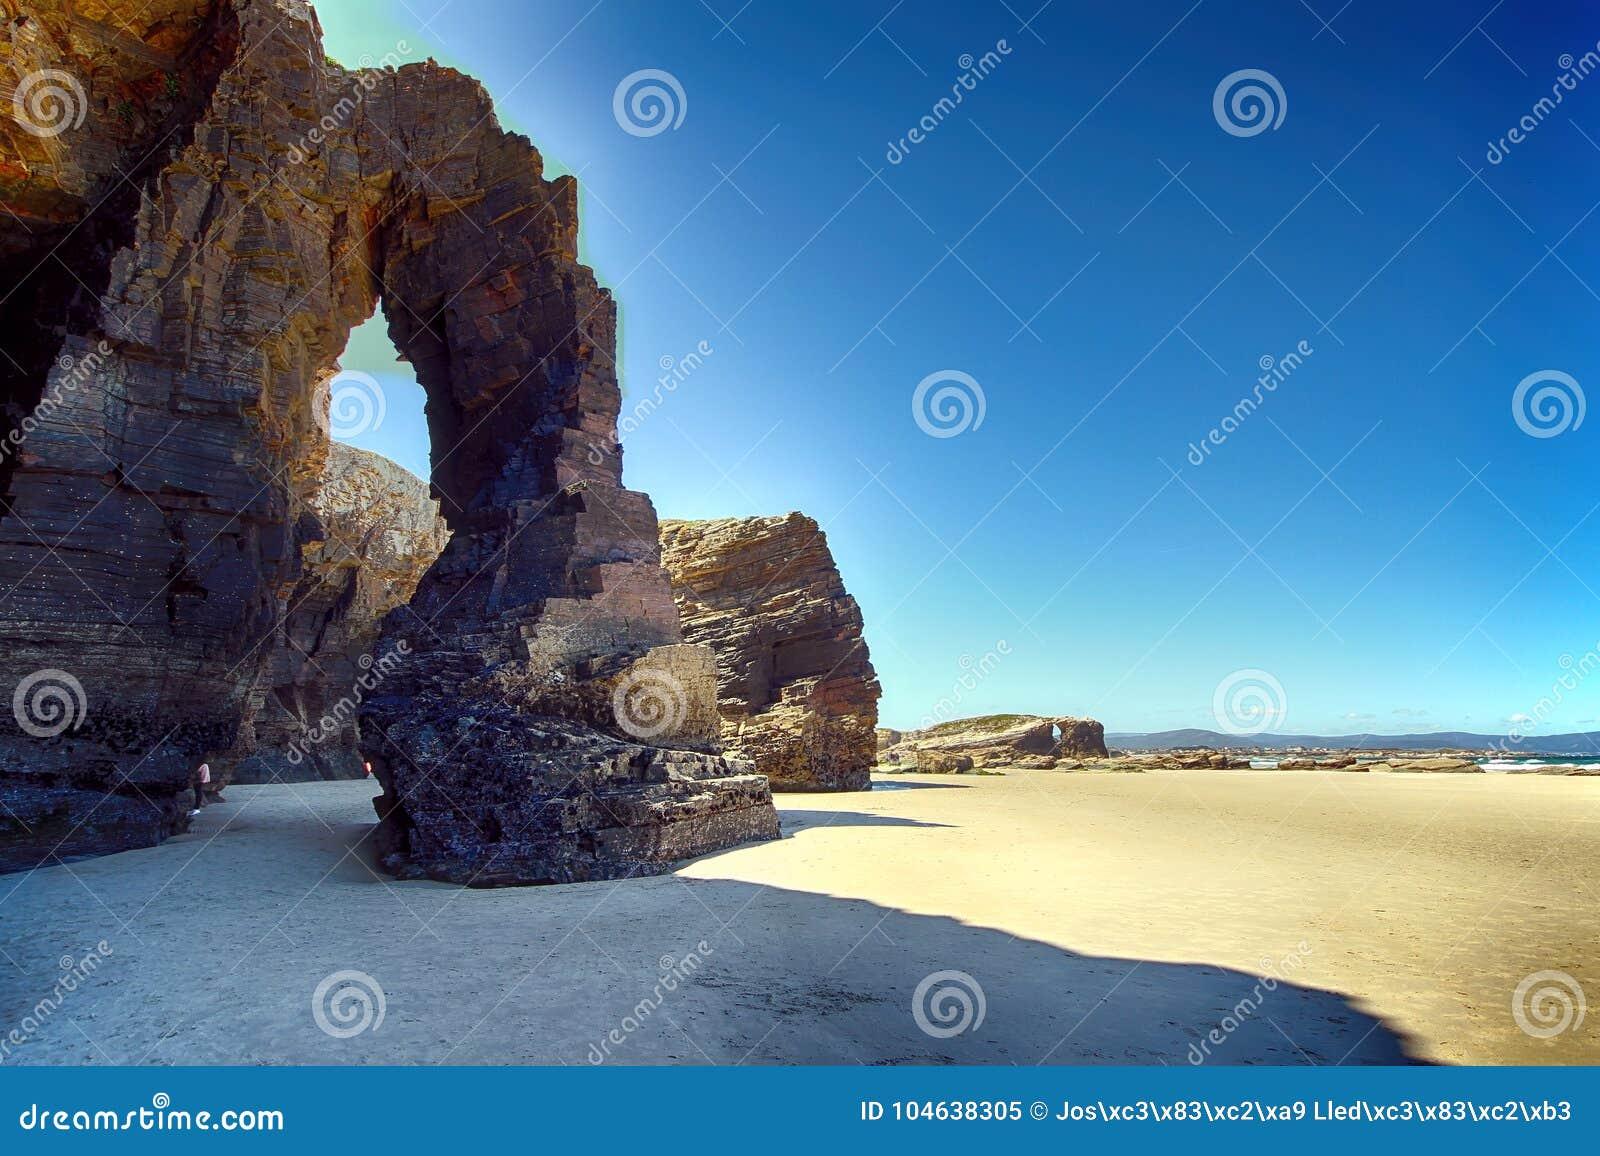 Download Het Kathedralenstrand Met De Rotsen Erosioned Door De Actie Van Het Overzees Stock Afbeelding - Afbeelding bestaande uit strand, landschap: 104638305